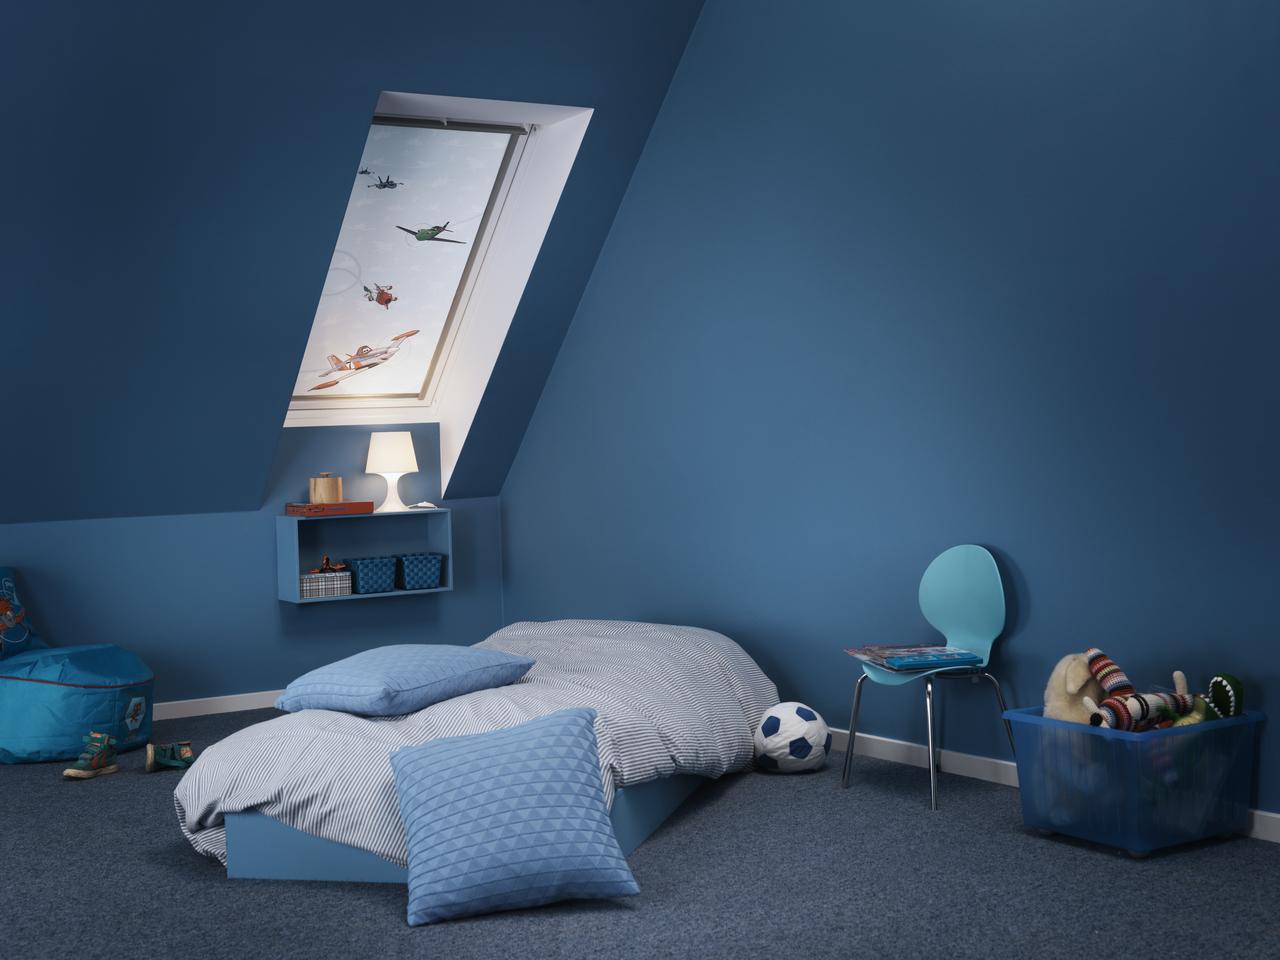 Colori Da Parete Per Camerette una camera da letto blu per riposare meglio - mansarda.it